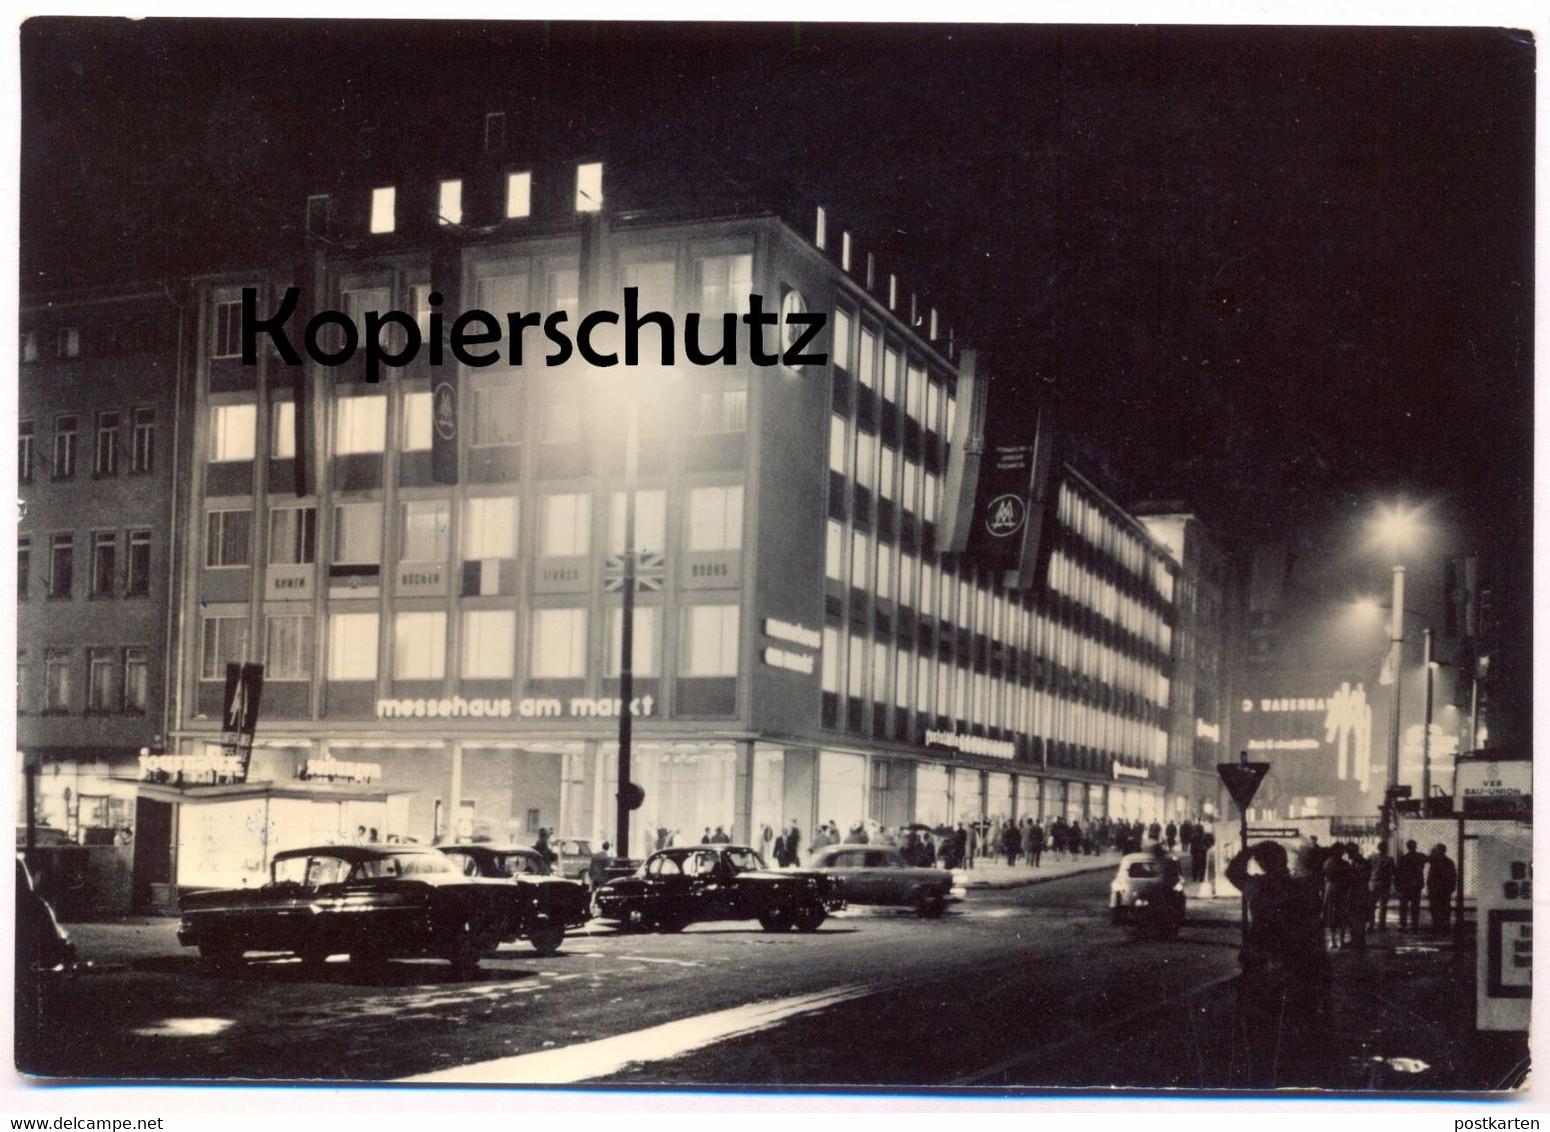 ÄLTERE POSTKARTE MESSESTADT LEIPZIG MESSEHAUS AM MARKT bei Nacht Briefmarke 10 Jahre NVA Flags Ansichtskarte cpa